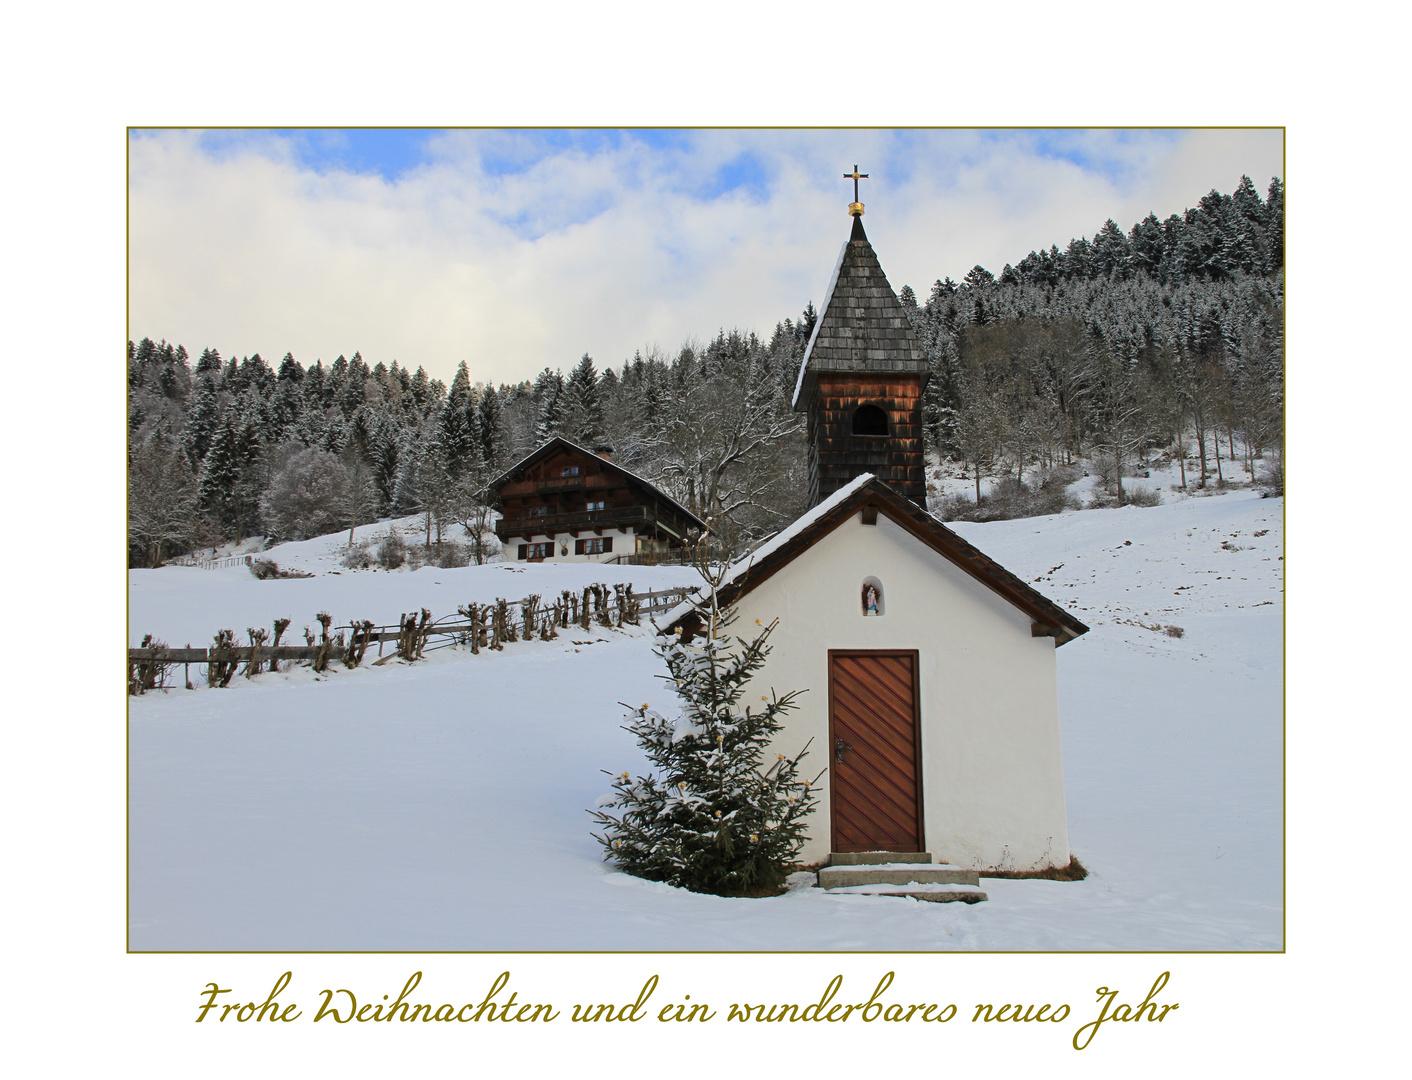 Frohe Weihnachten und ein wunderbares neues Jahr 2012 ...